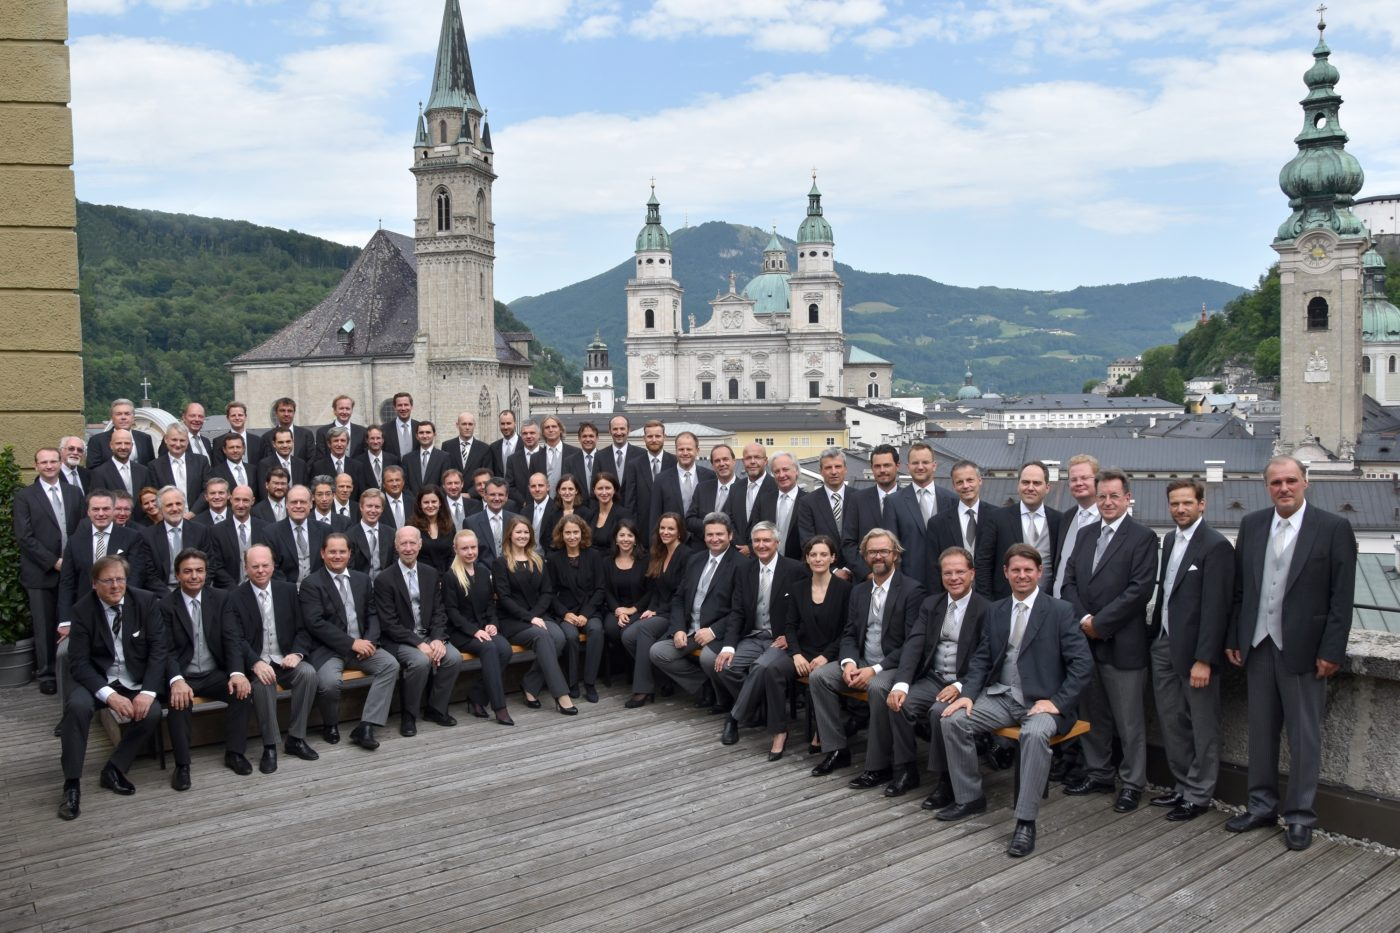 Wiener Philharmoniker über den Dächern von Salzburg / Foto @ Anne Zeuner